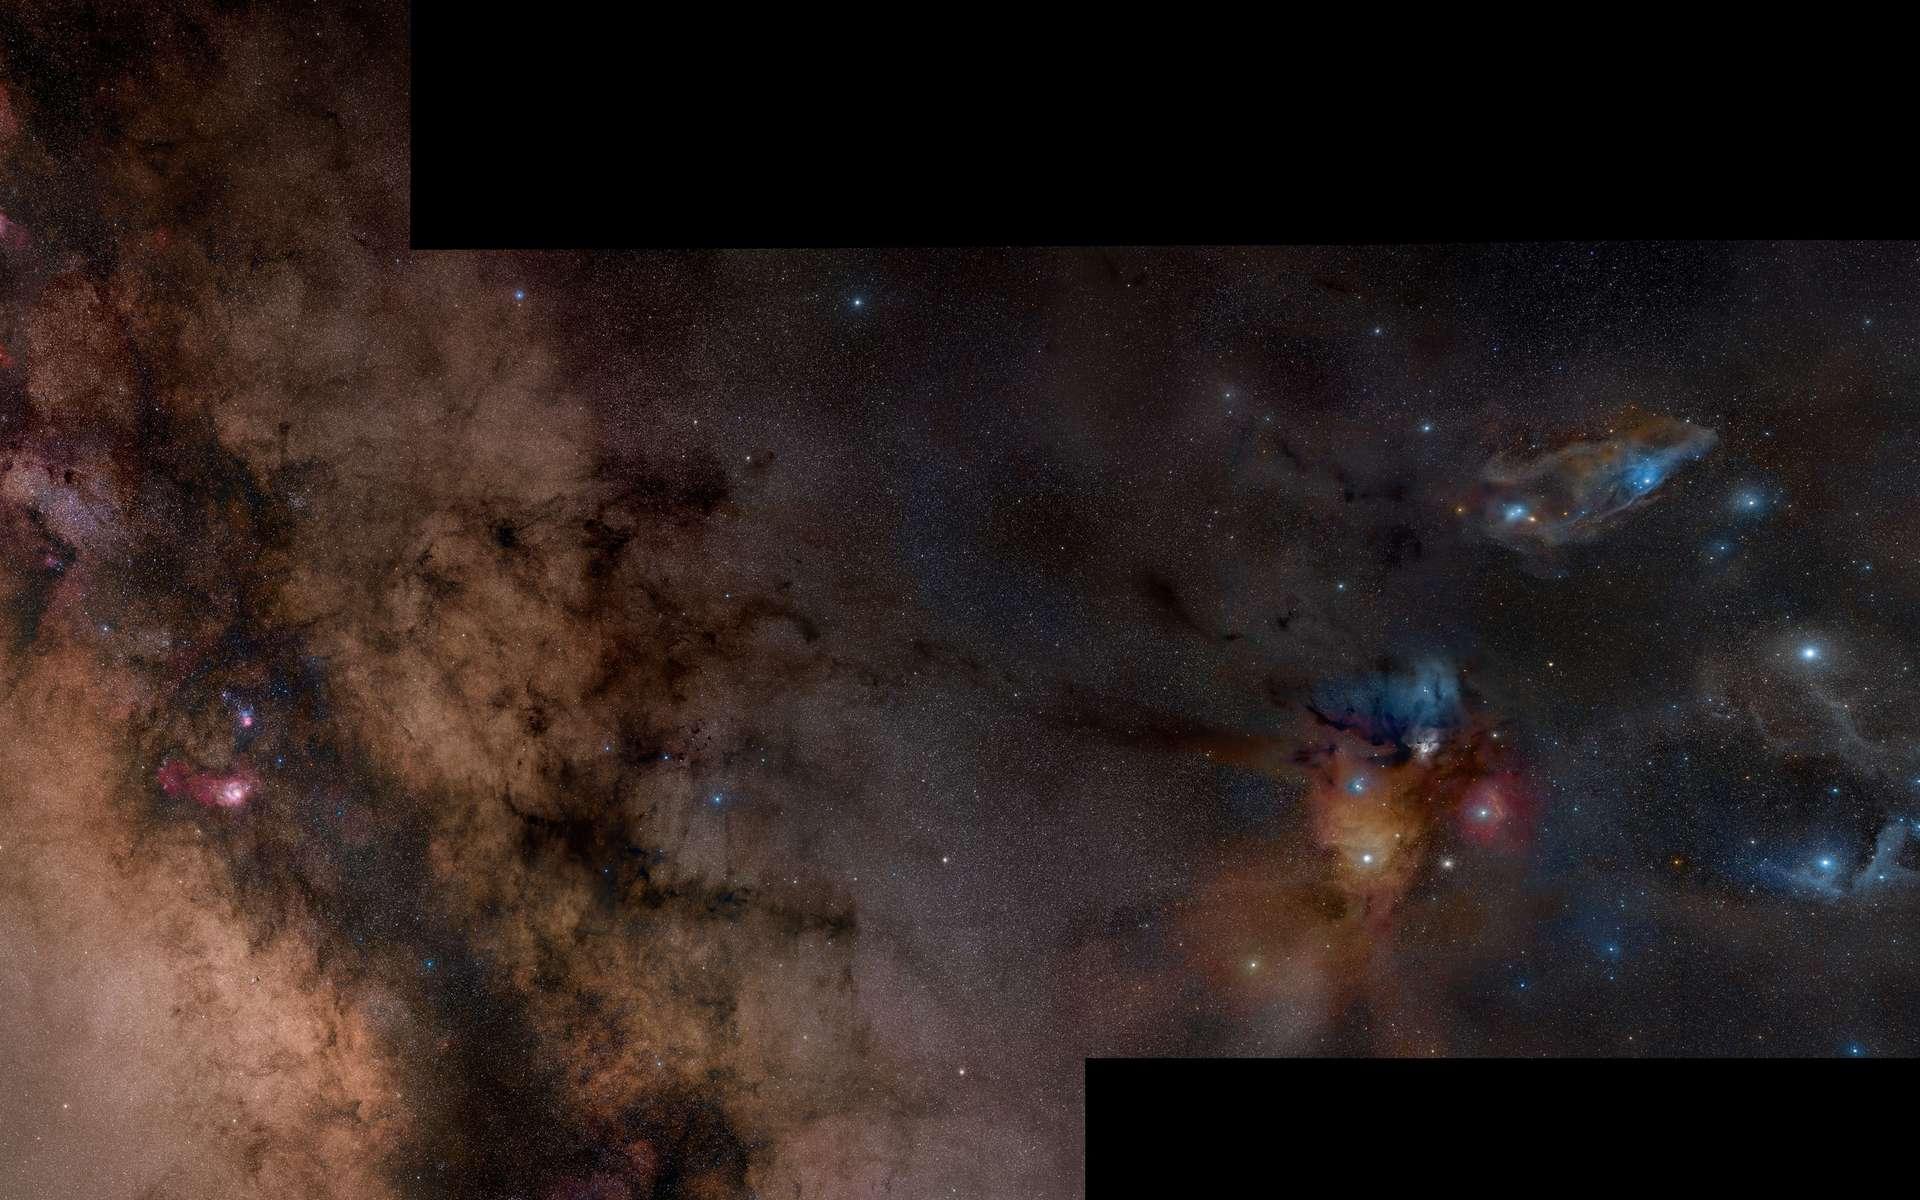 Cet assemblage de 52 photographies révèle la beauté des nuages de gaz et de poussières illuminés par de jeunes étoiles dans la région d'Ophiucus, à proximité de la Voie lactée. Crédit Rogelio Bernal Andreo